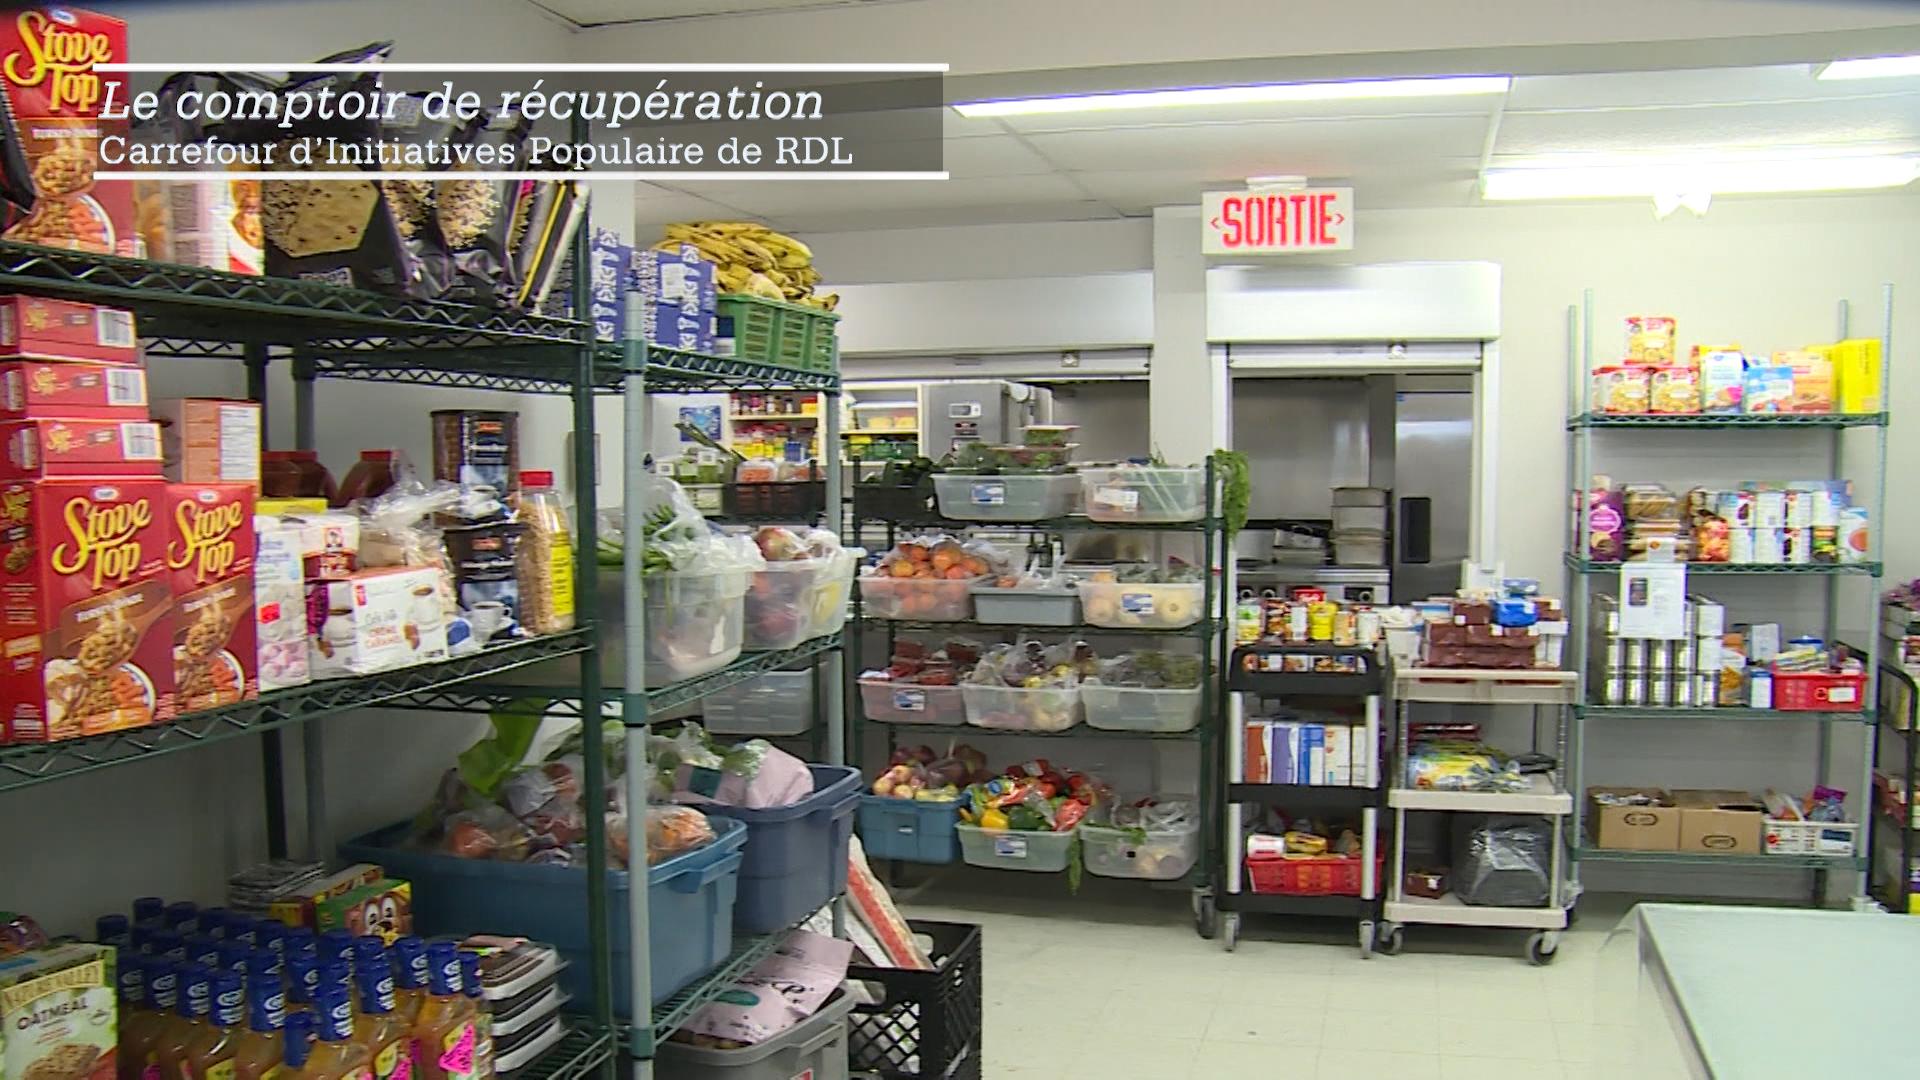 Le comptoir de récupération alimentaire